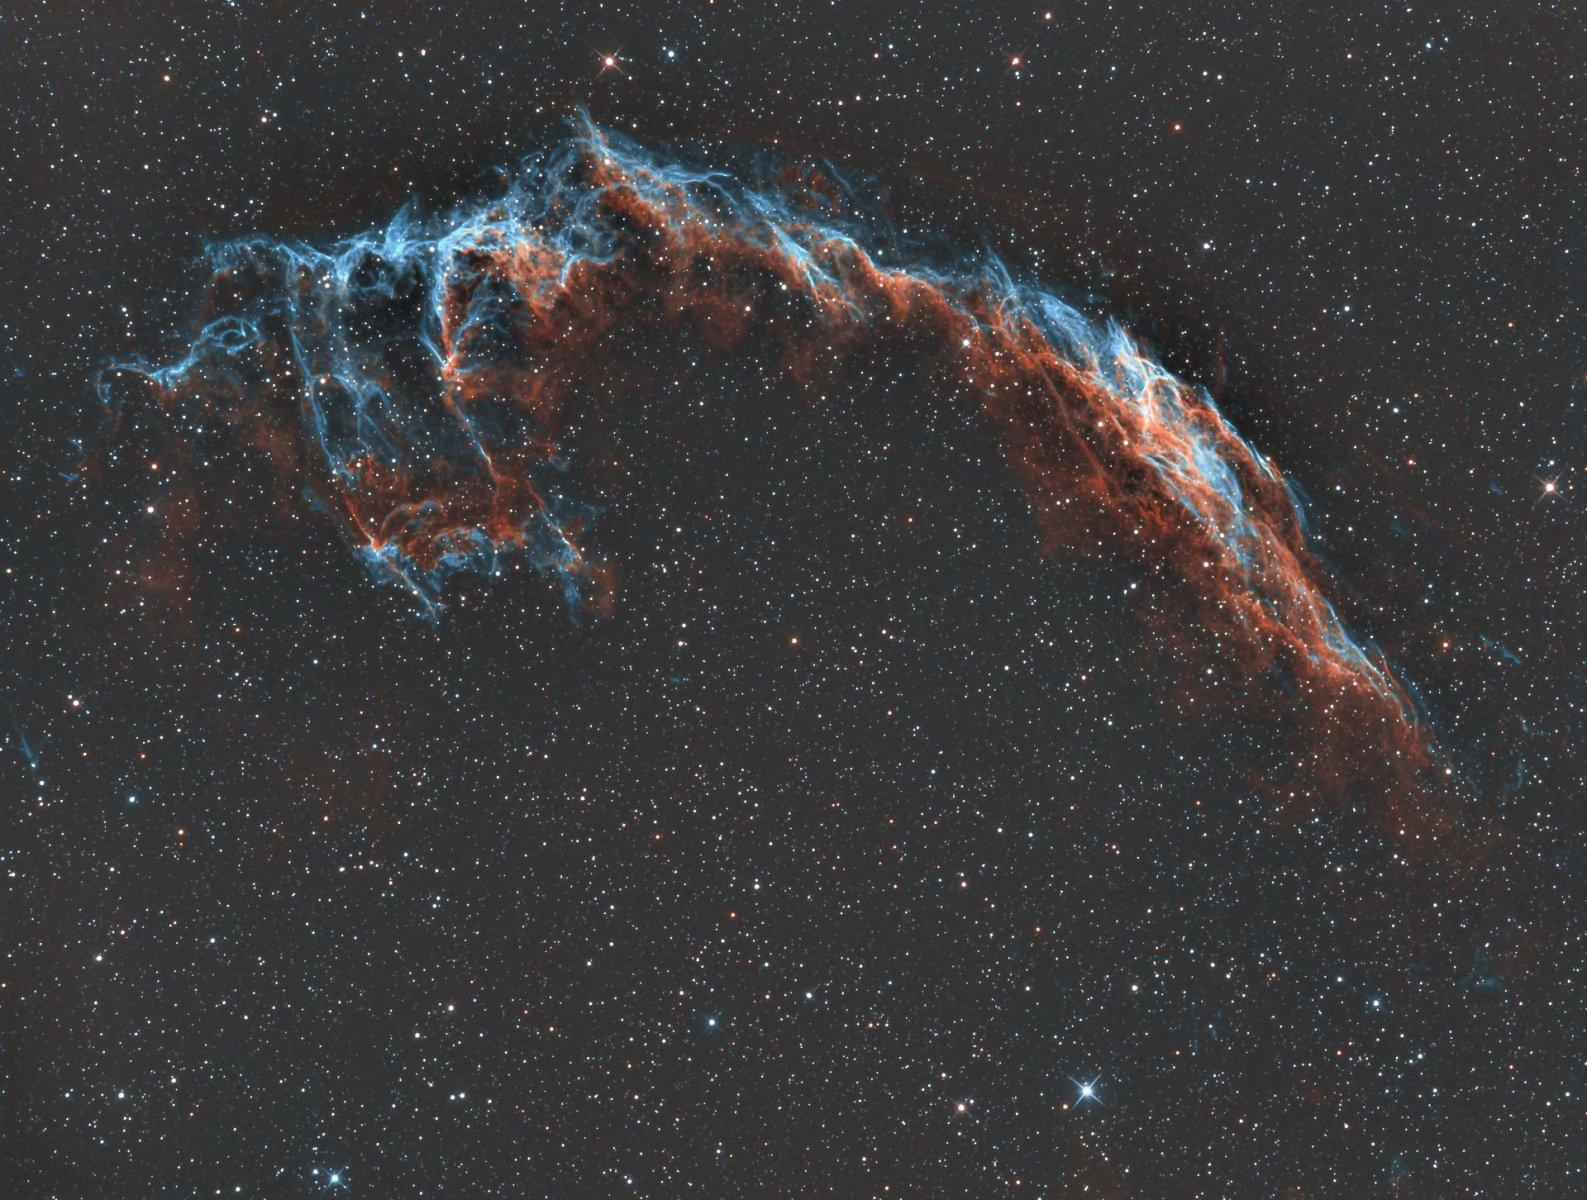 NGC_6992_BCSHO_2_web.jpg